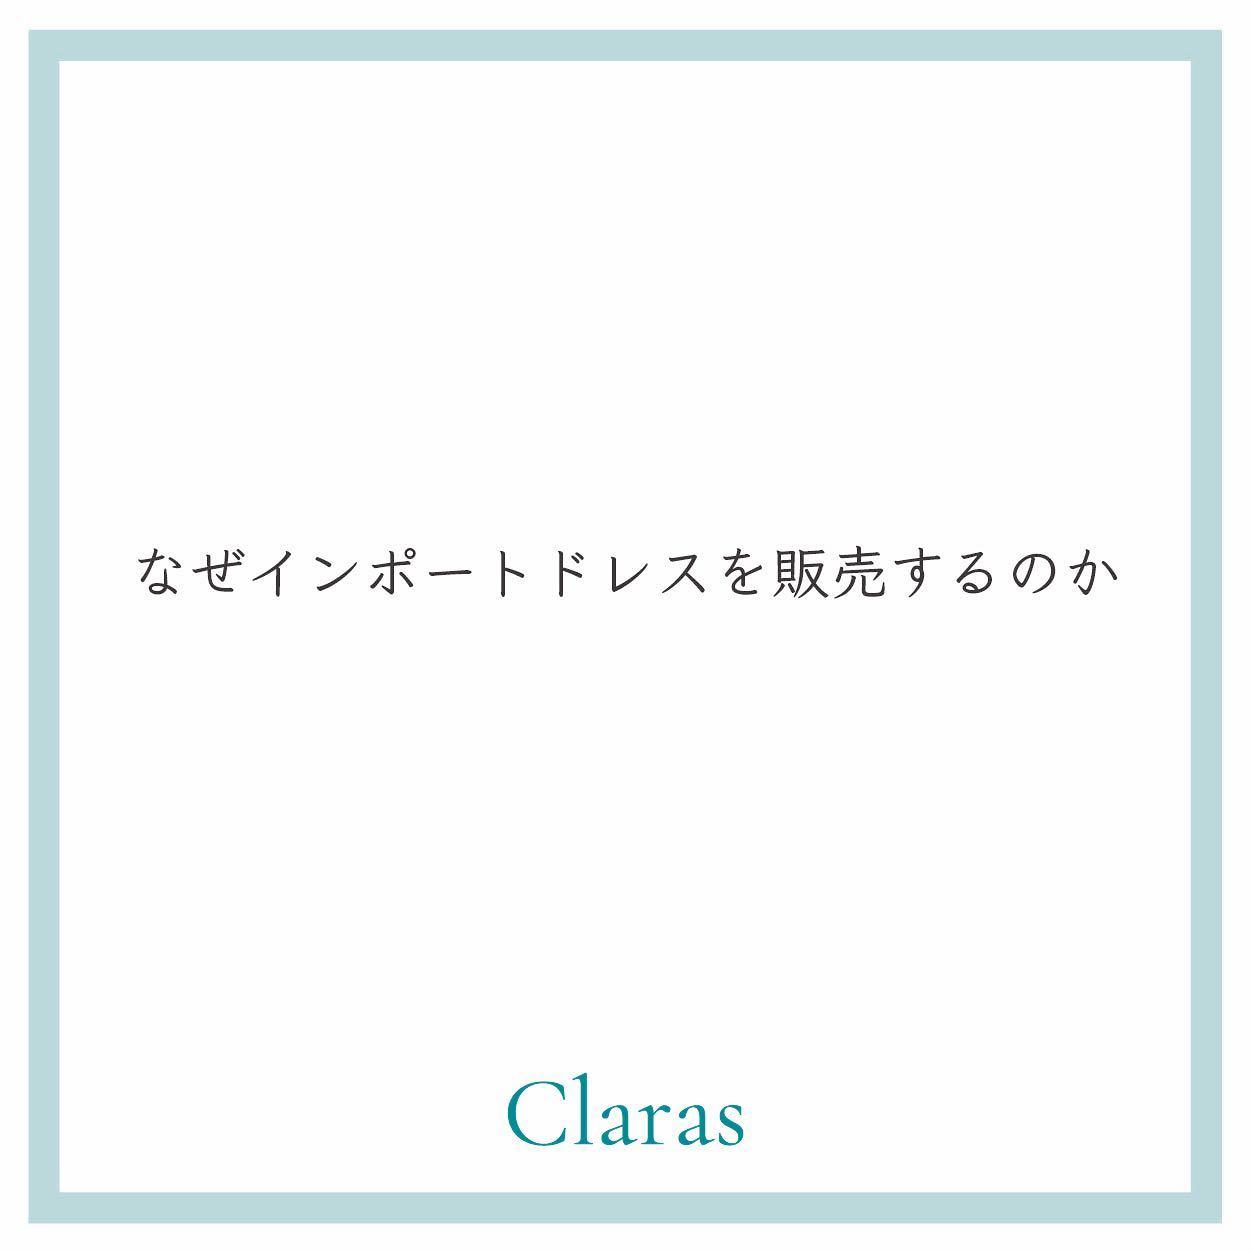 """🕊Claras 🕊・インポートドレスを適正価格でお届けするのがClarasレンタルでは叶わない繊細で上質な素材も、ジャストサイズだから再現できるデザイン美も販売だからこそ叶えていけるParisに関連会社があるからこそ直輸入での適正価格が叶う・Clarasは1組ずつ貸切でご案内寛ぎながら本当にその方に合った1着へと導きます自分だけのための1着を選びに来てください結婚式やフォトなど迷ってる方でもまずはClarasへ長年様々なウエディングに携わってきたClarasスタッフより、細かなカウンセリングを行い的確ななご提案をさせていただきますご予約はDMからでも承れます・New Normal Wedding Salon""""Claras""""https://claras.jp/・about """"Claras""""…(ラテン語で、明るい·輝く)As(明日· 未来, フランス語て最高、一番) ・明るく輝く明日(未来) に貢献したいという想いを込めています🕊Fashionの都Parisをはじめ、欧米から選りすぐりのドレスをこれから出逢う花嫁のために取揃えました・2021.3.7 (Sun)NEW OPEN・Dressから始まるWedding Story""""憧れていた Dress選びから始まる結婚準備があったっていい""""・さまざまな新しい「価値」を創造し発信していきますこれからの新しい Wedding の常識を""""Claras """"から🕊・New Normal Wedding Salon【Claras】〒107-0061 東京都港区北青山2-9-14SISTER Bldg 1F(101) 東京メトロ銀座線 外苑前駅3番出ロより徒歩2分Tel:03 6910 5163HP: https://claras.jp営業時間:平日 12:00-18:00 土日祝11:00-18:00(定休日:月・火)・#wedding #weddingdress #legeretes #claras #paris #vowrenewal#ウェディングドレス #プレ花嫁 #ドレス試着 #ドレス迷子#2021夏婚 #2021冬婚 #ヘアメイク #結婚式  #ドレス選び #前撮り #インポートドレス #フォトウェディング #ウェディングヘア  #フォト婚 #ニューノーマル #ブライダルフォト #カップルフォト #ウェディングドレス探し #ウェディングドレス試着 #セルドレス #ドレスショップ #家族婚 #バウリニューアル #記念日婚"""